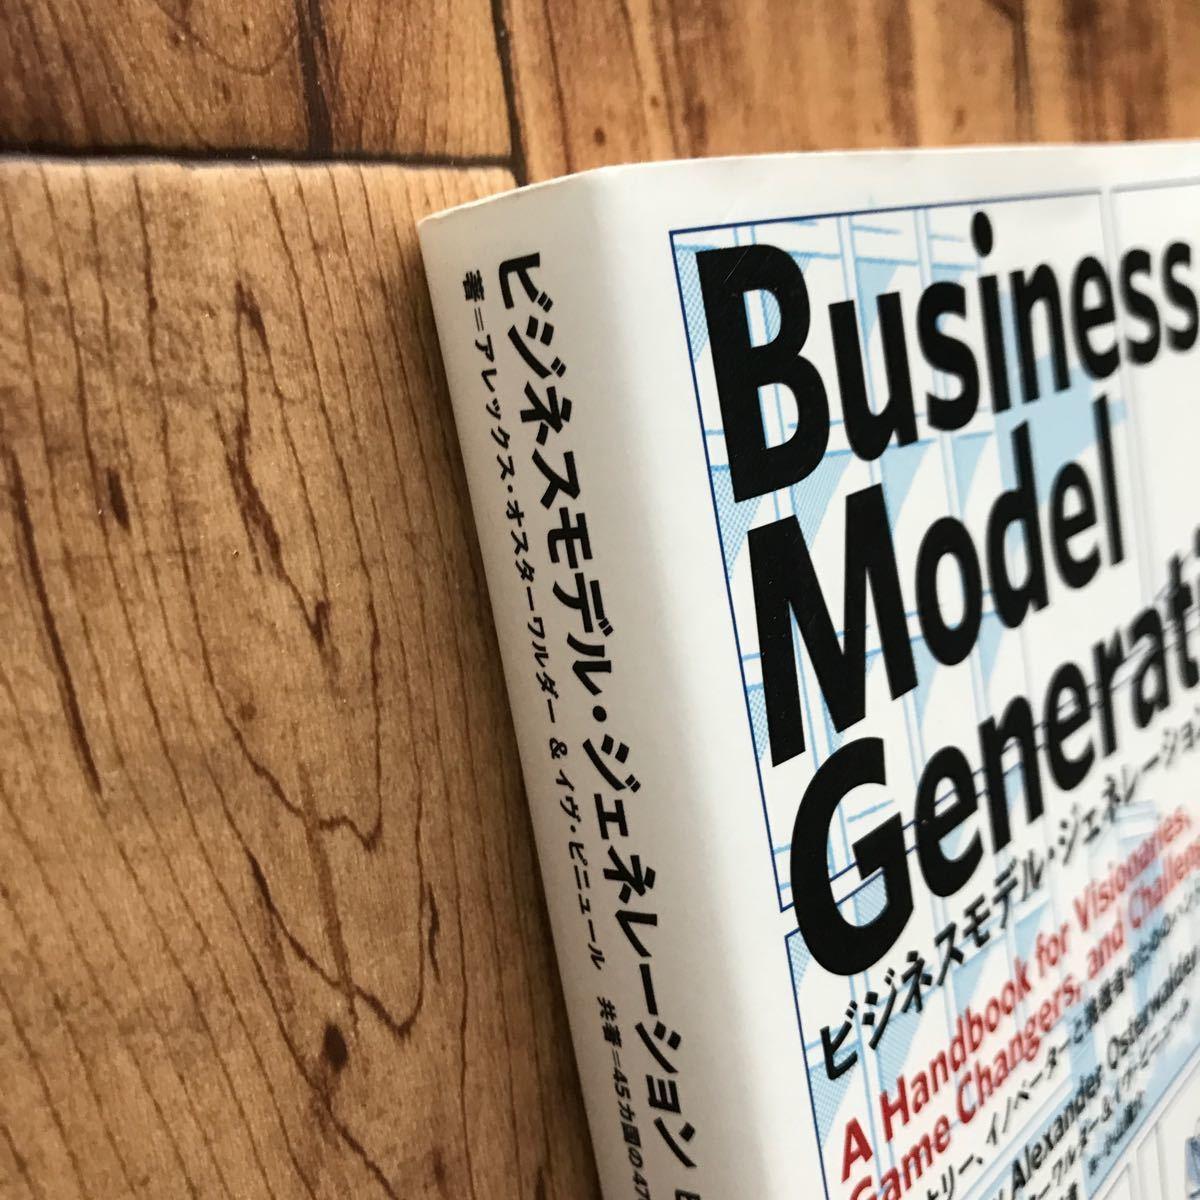 ビジネスモデルジェネレーション ビジネスモデル設計書 著/アレックスオスターワルダー